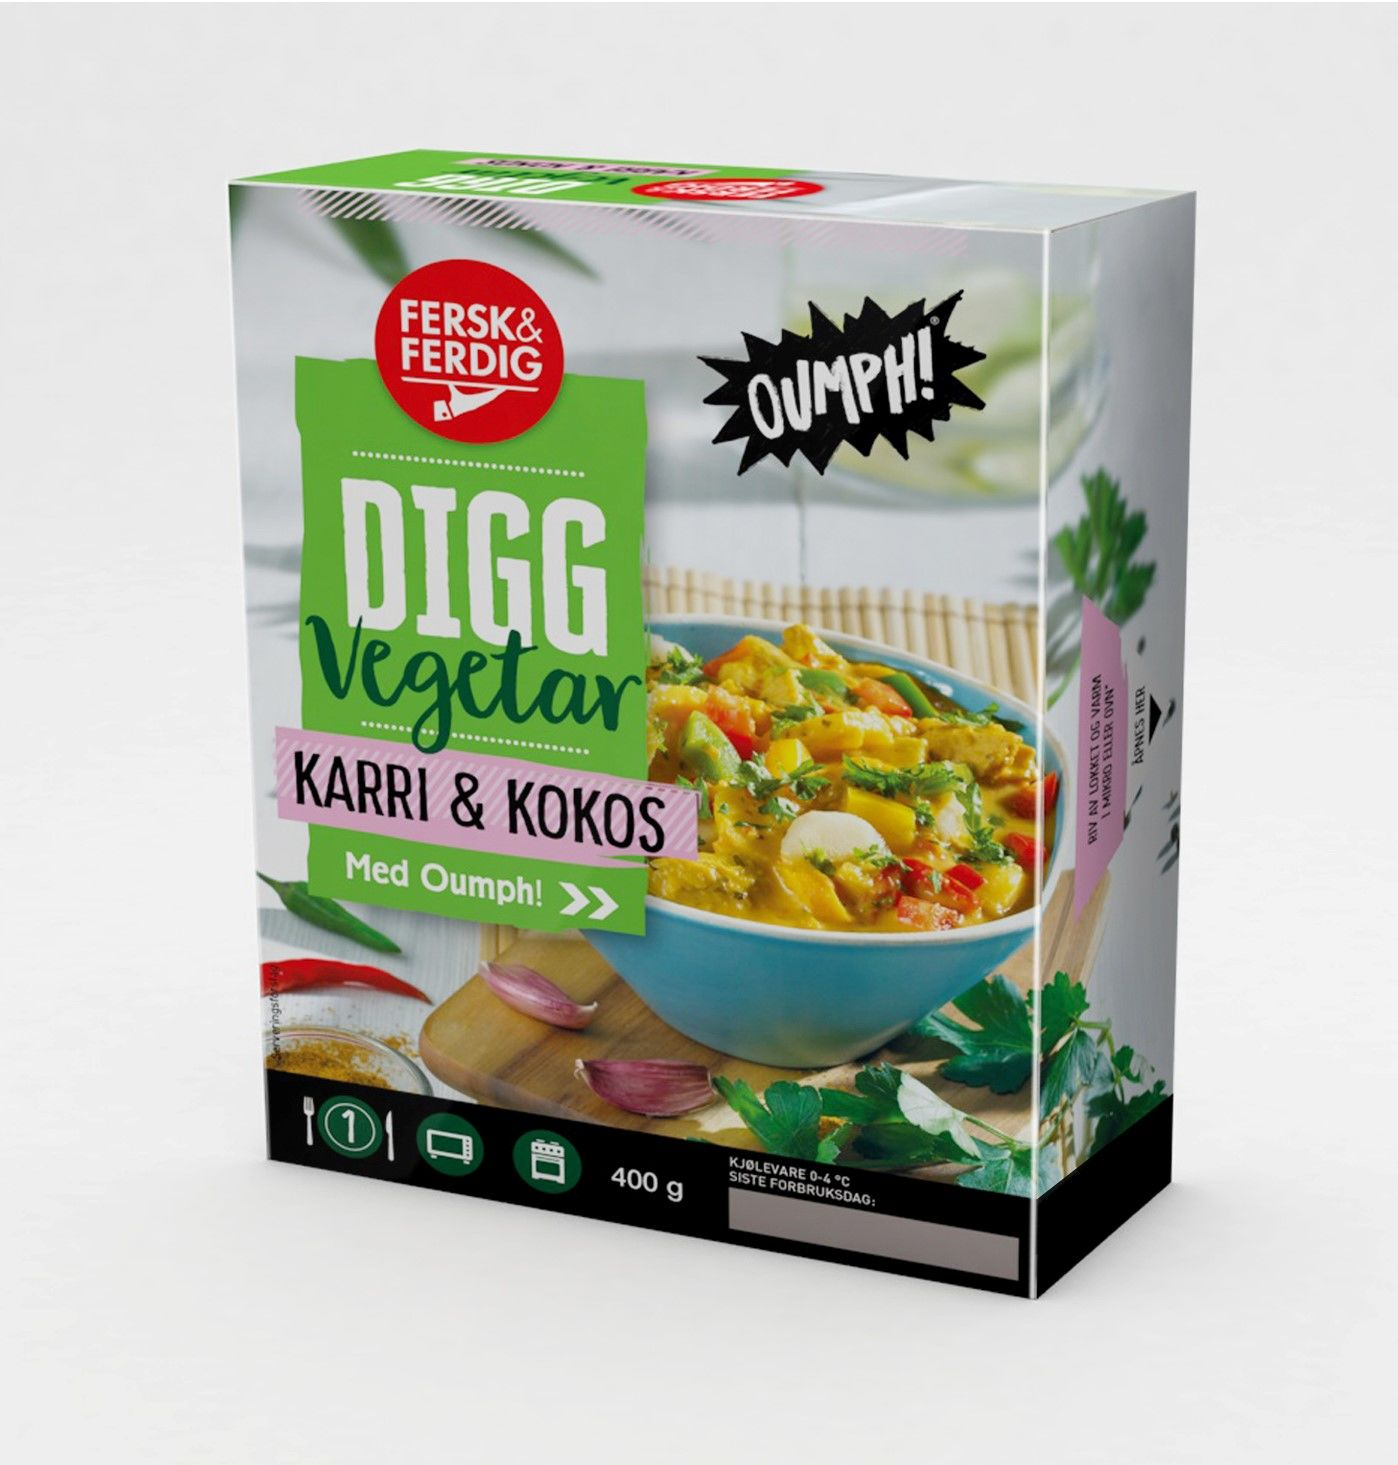 Digg Vegetar Karri & Kokos med Oumph! har deilige smaker fra det asiatiske kjøkken og masse grønnsaker slik en god karri skal ha. I tillegg inneholder retten proteinkilden Oumph! som er mat fra planteriket, laget av soyabønner. Karri & Kokos med Oumph! er helt uten animalske råvarer og kan derfor også nytes av veganere.